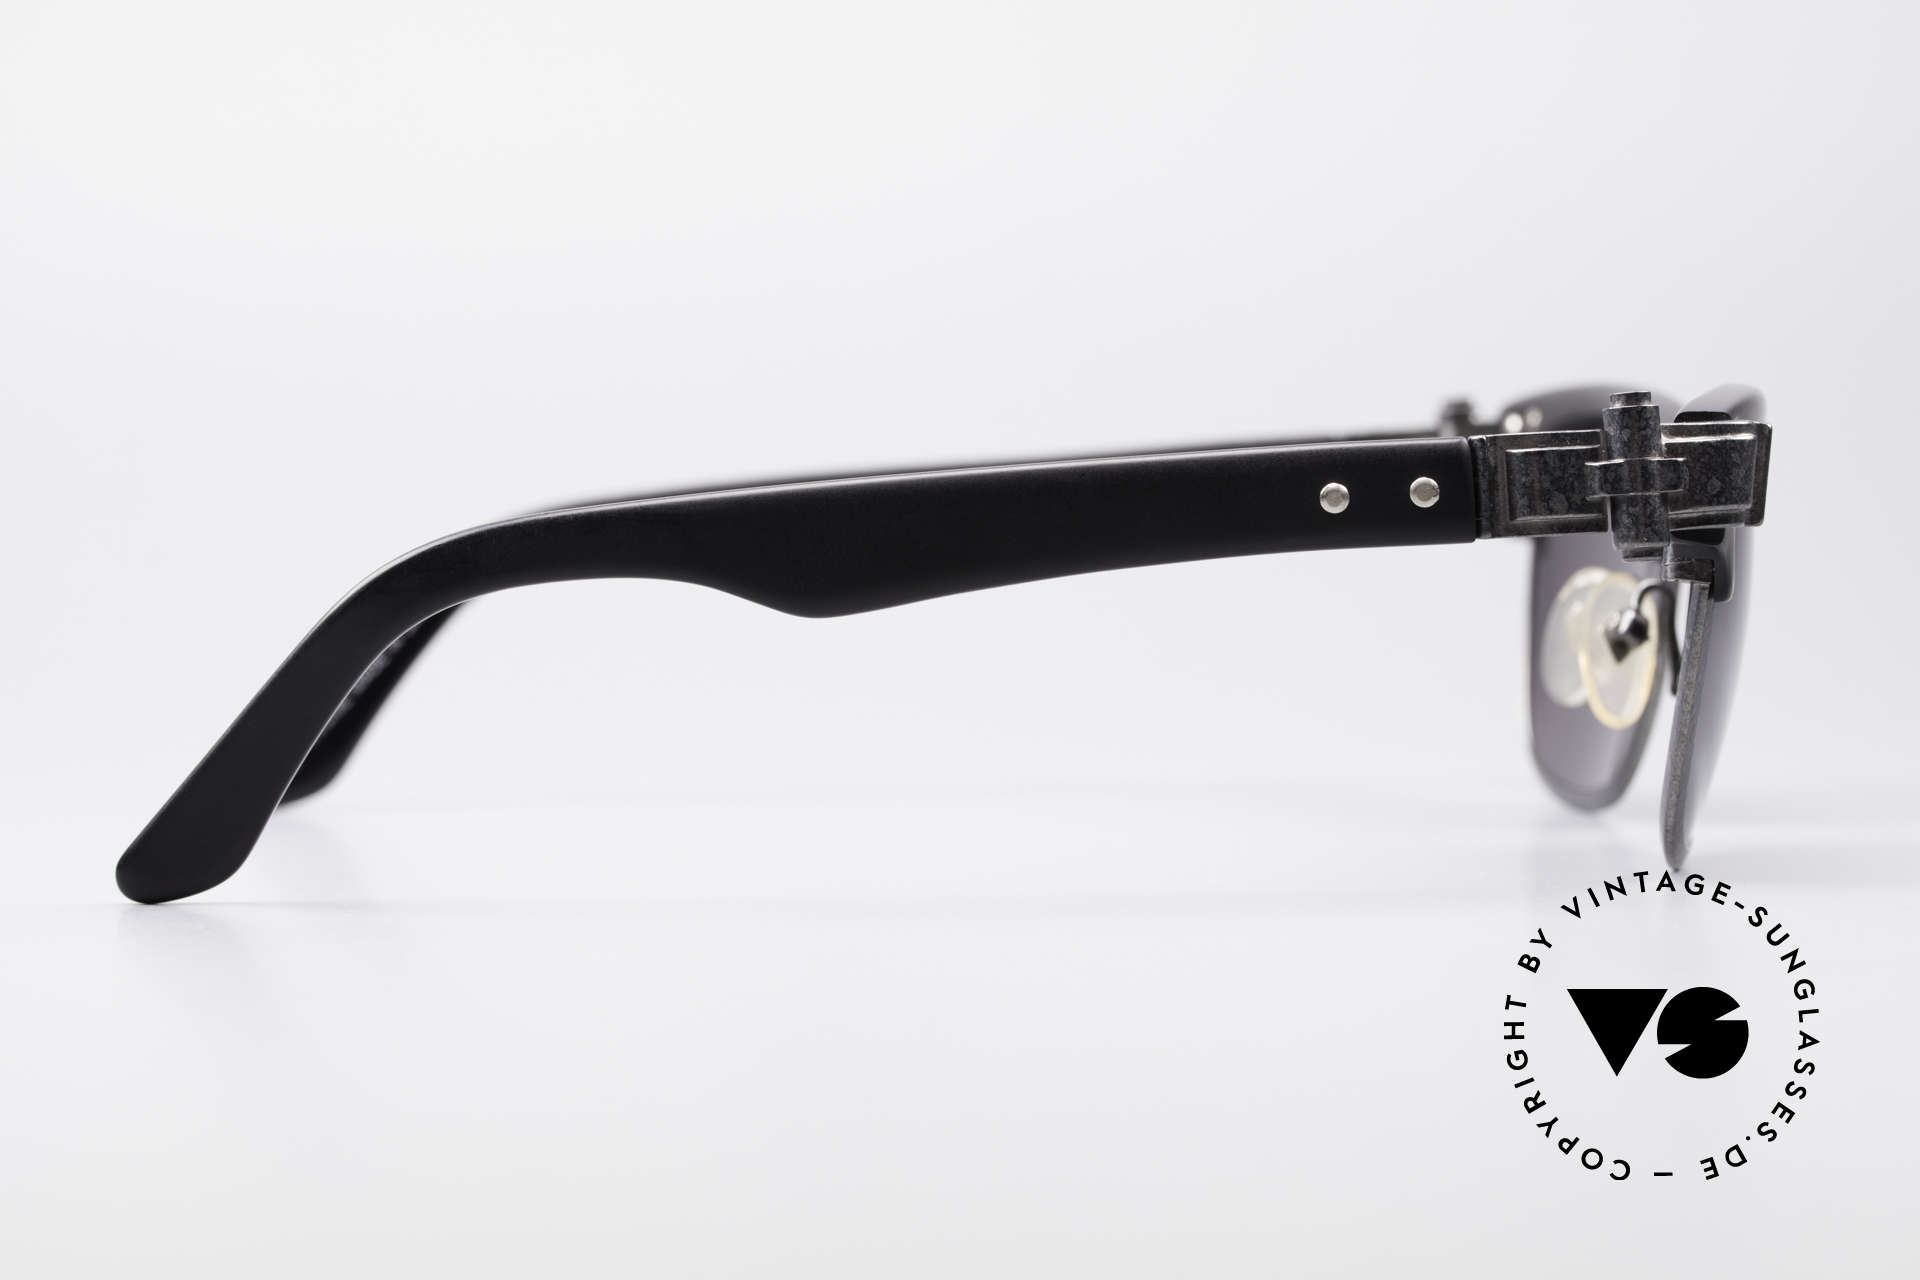 Jean Paul Gaultier 56-5202 90er Designer Sonnenbrille, die Sonnengläser (100% UV) sind beliebig ersetzbar, Passend für Herren und Damen